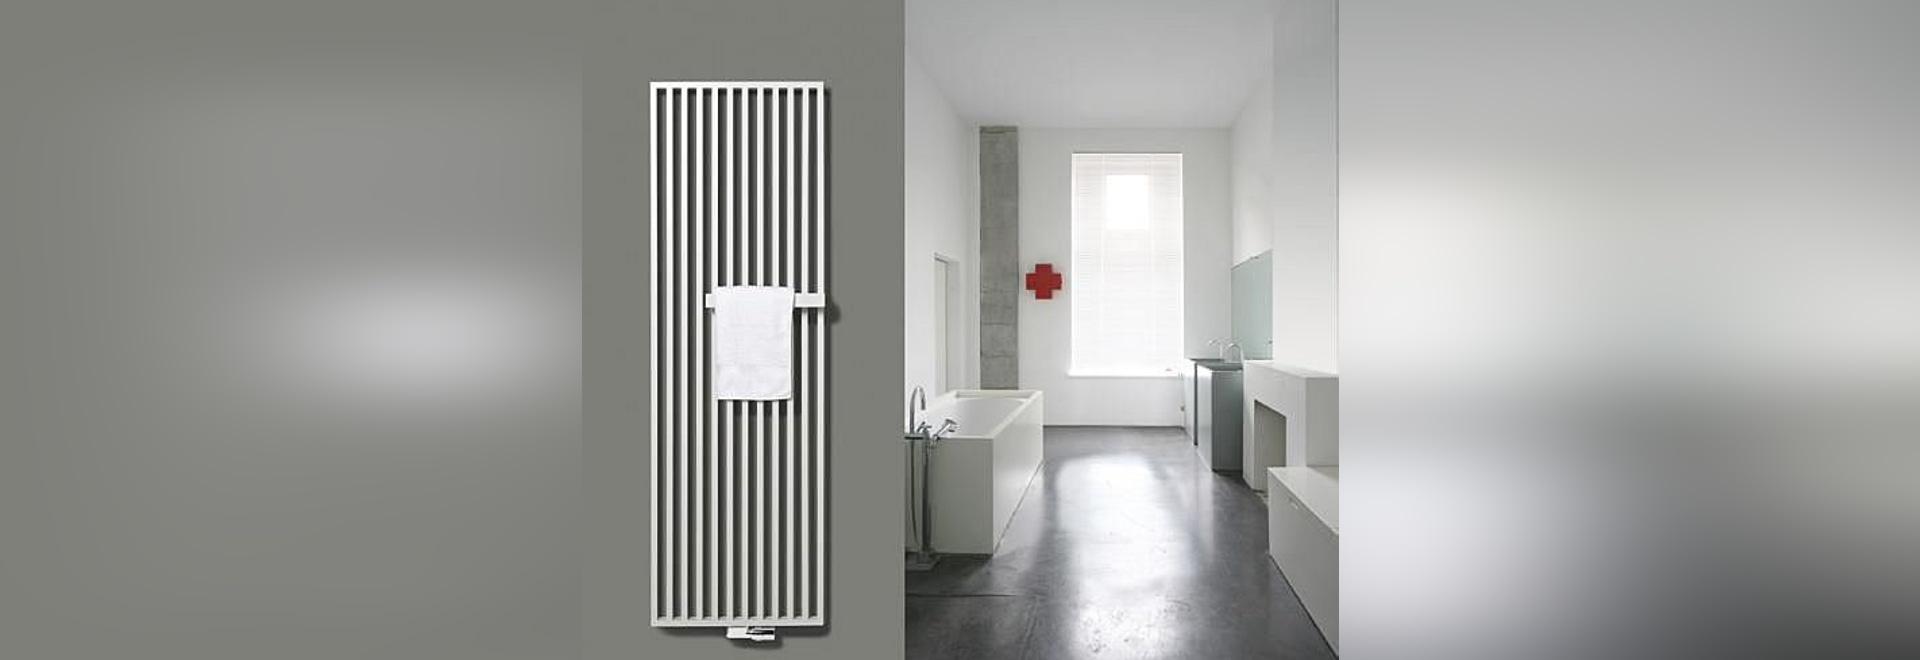 Full Size of Vasco Heizkörper Arche By Bad Elektroheizkörper Badezimmer Wohnzimmer Für Wohnzimmer Vasco Heizkörper